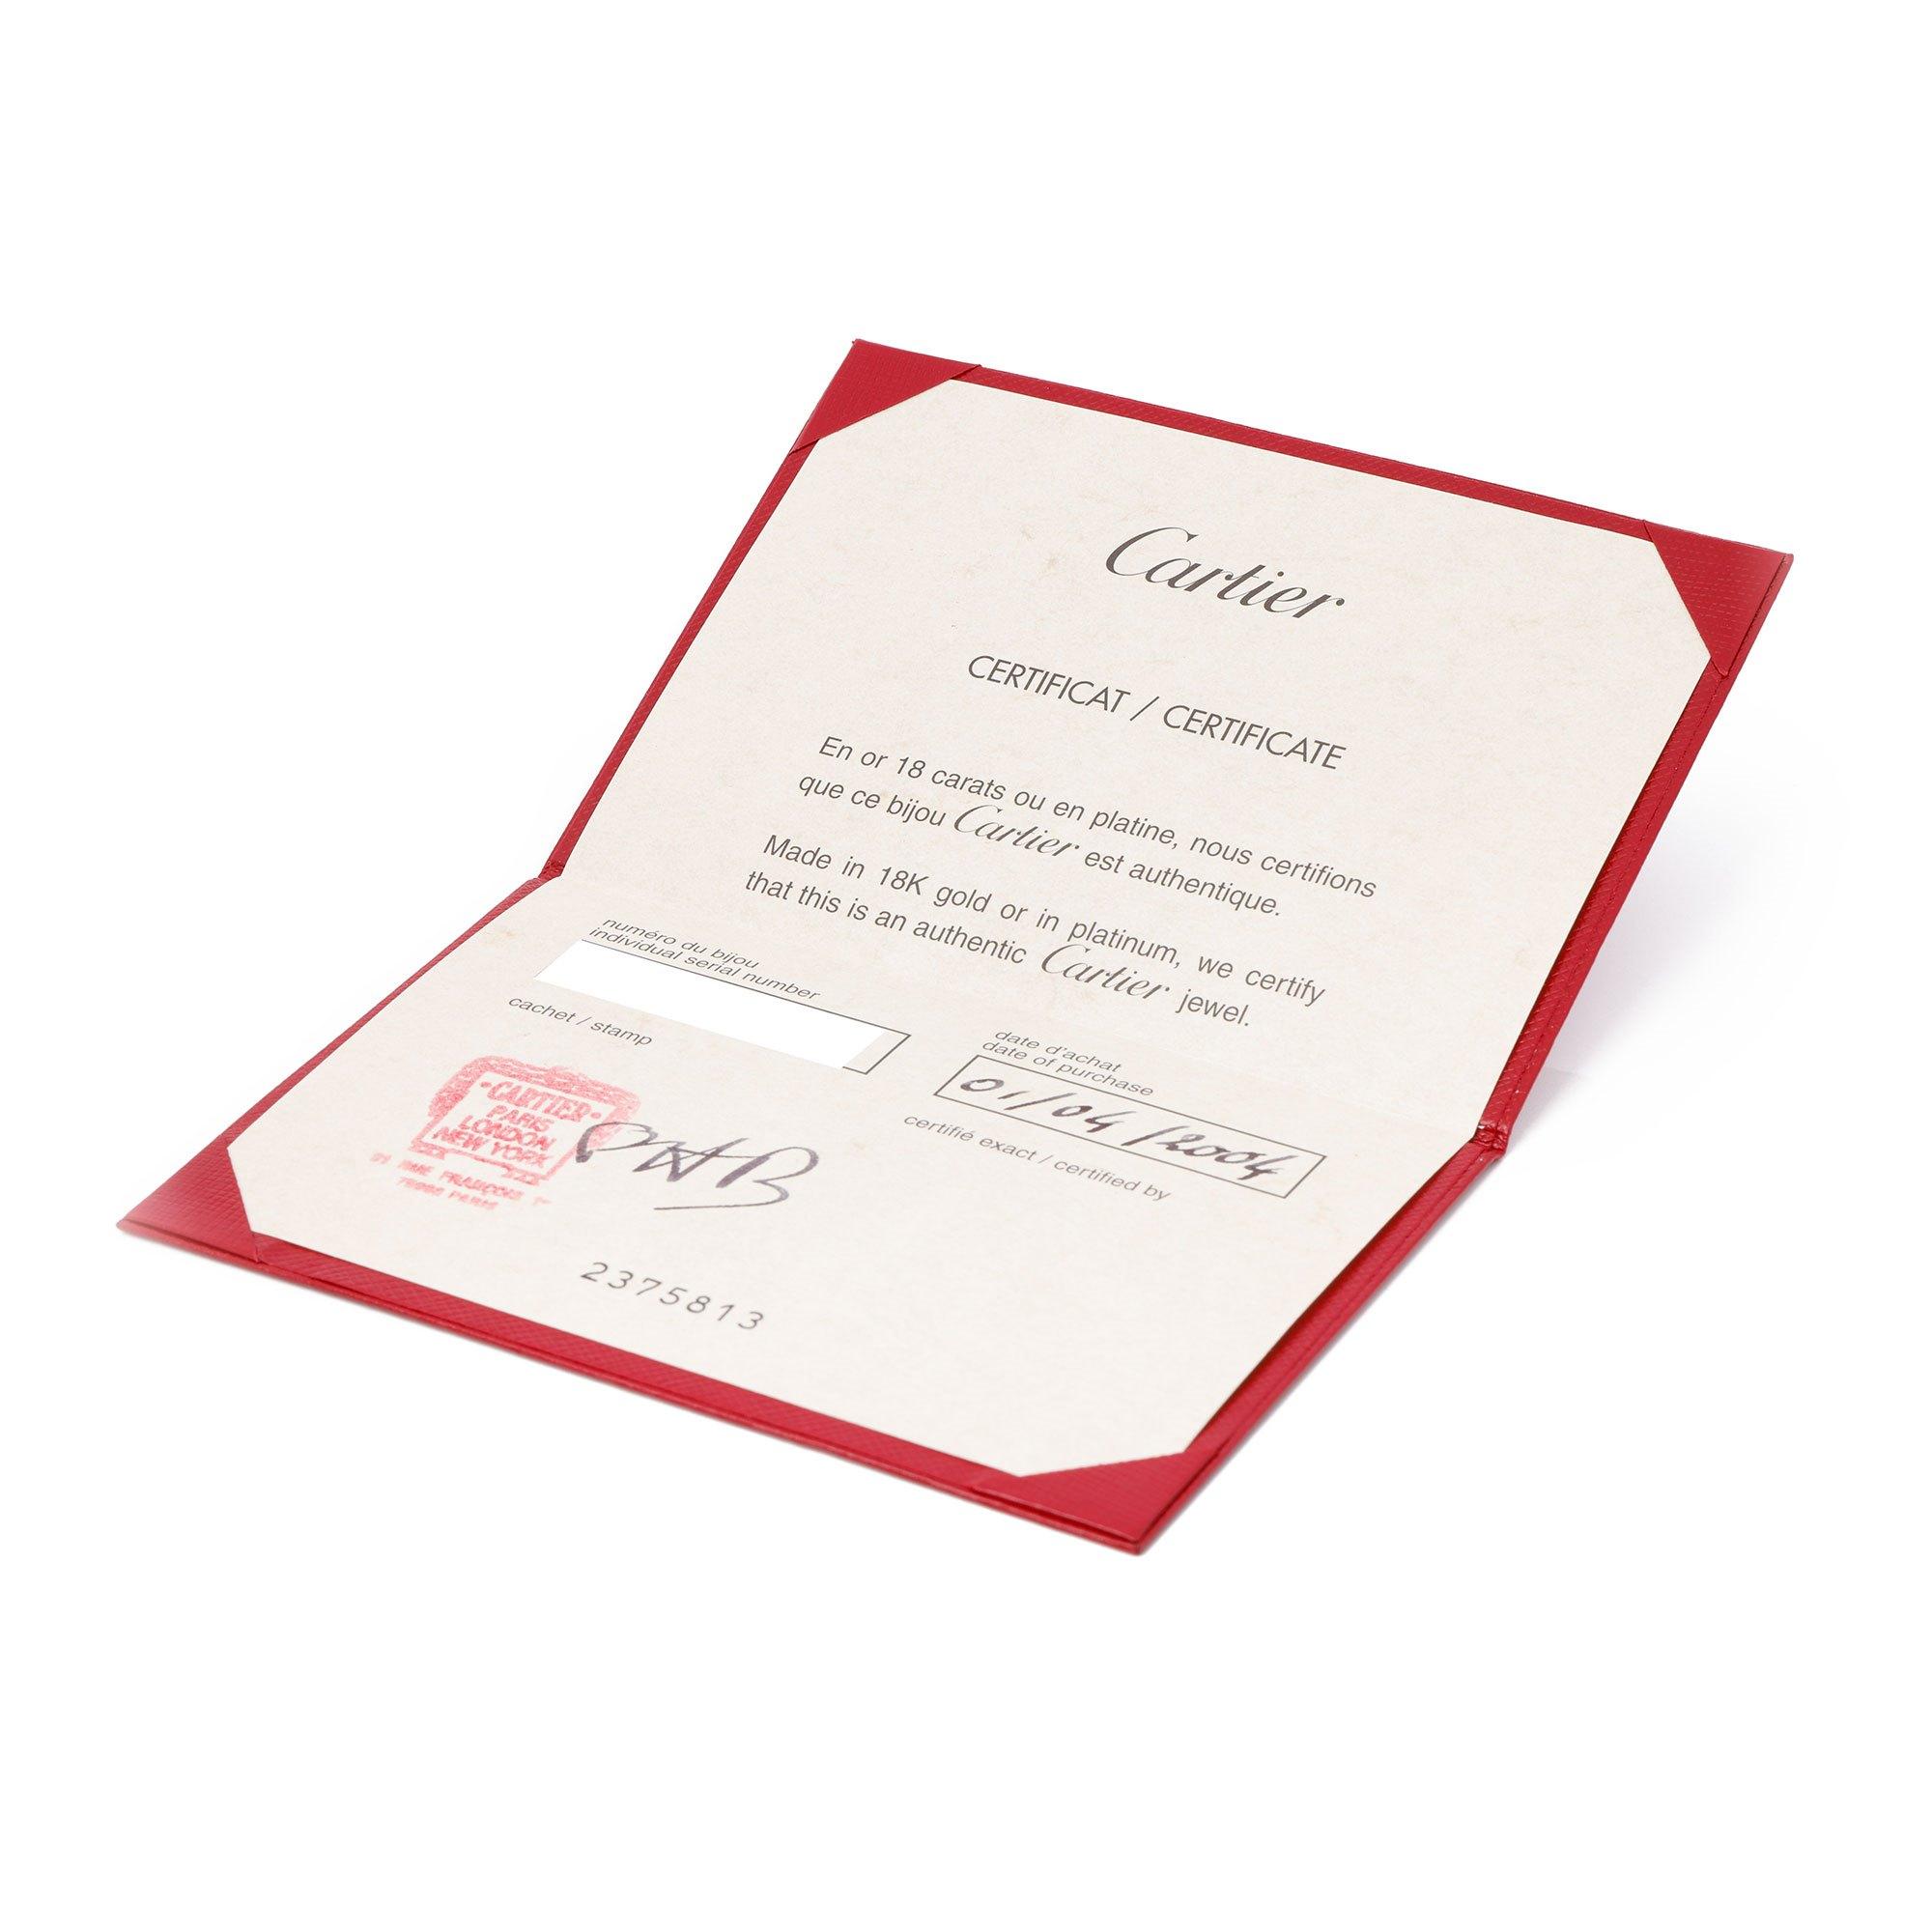 Cartier C de Cartier 18ct gold Charm Pendant